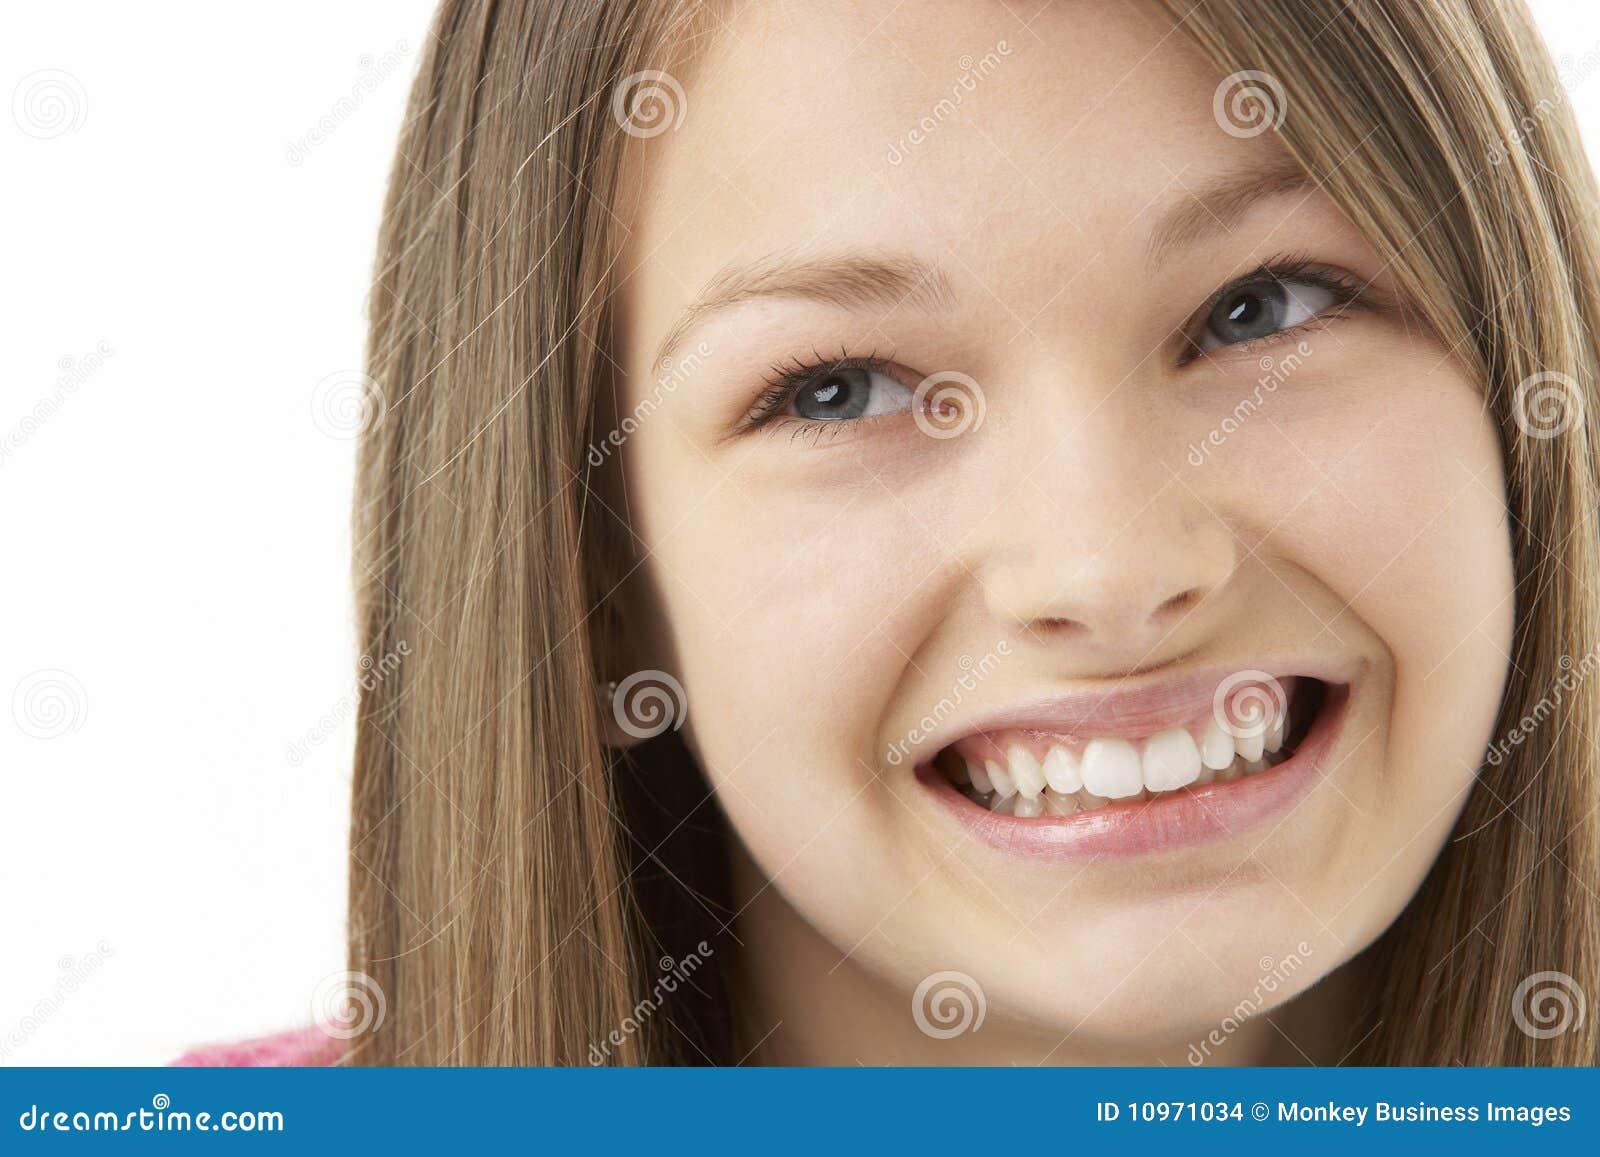 Студийные фото девочек подростков 20 фотография